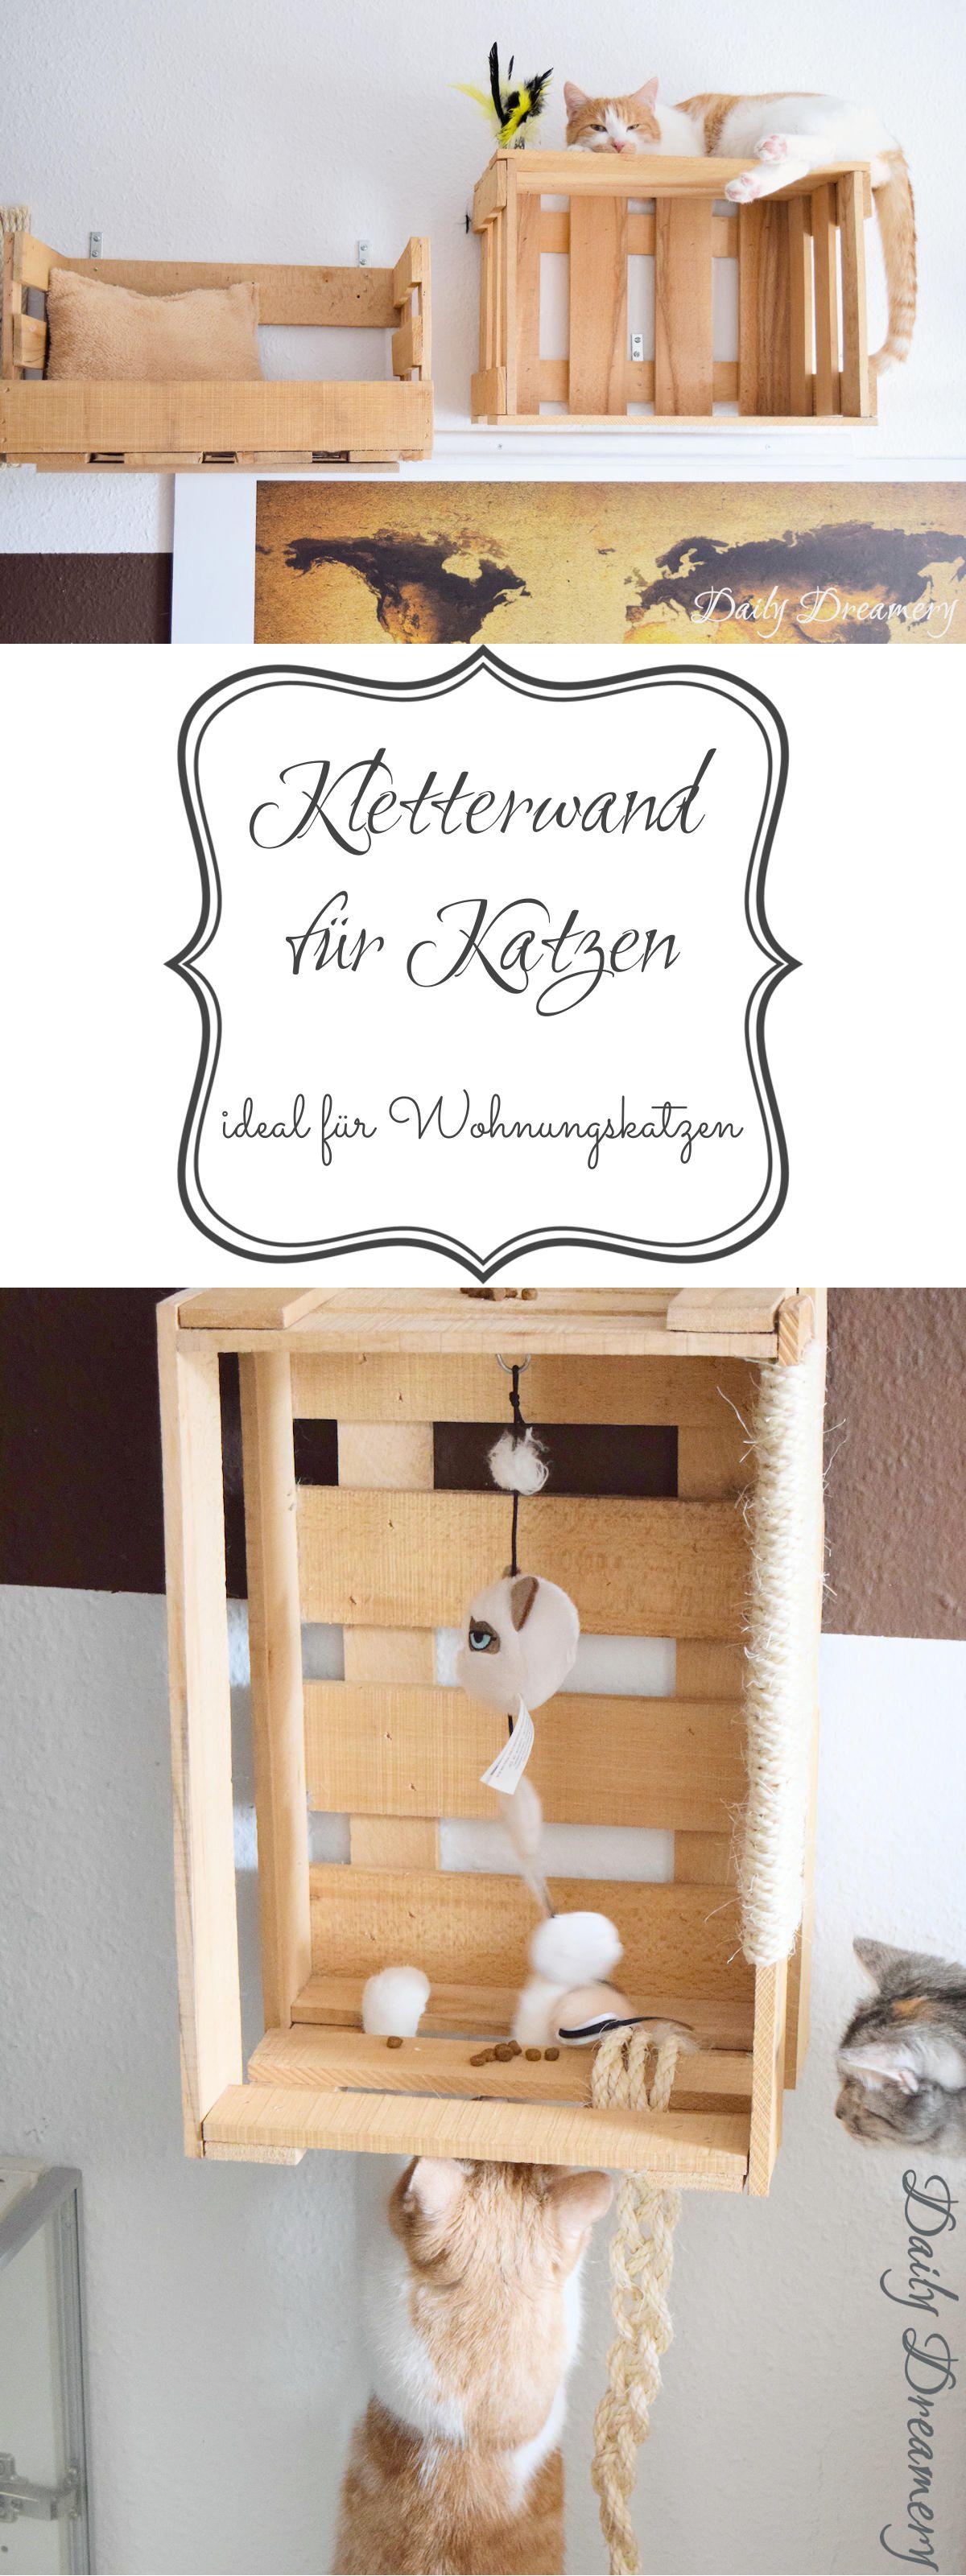 DIY-Kletterwand für Katzen ganz einfach aus alten Weinkisten bauen - perfekt für Wohnungskatzen #diy #katzen #katzenmöbel